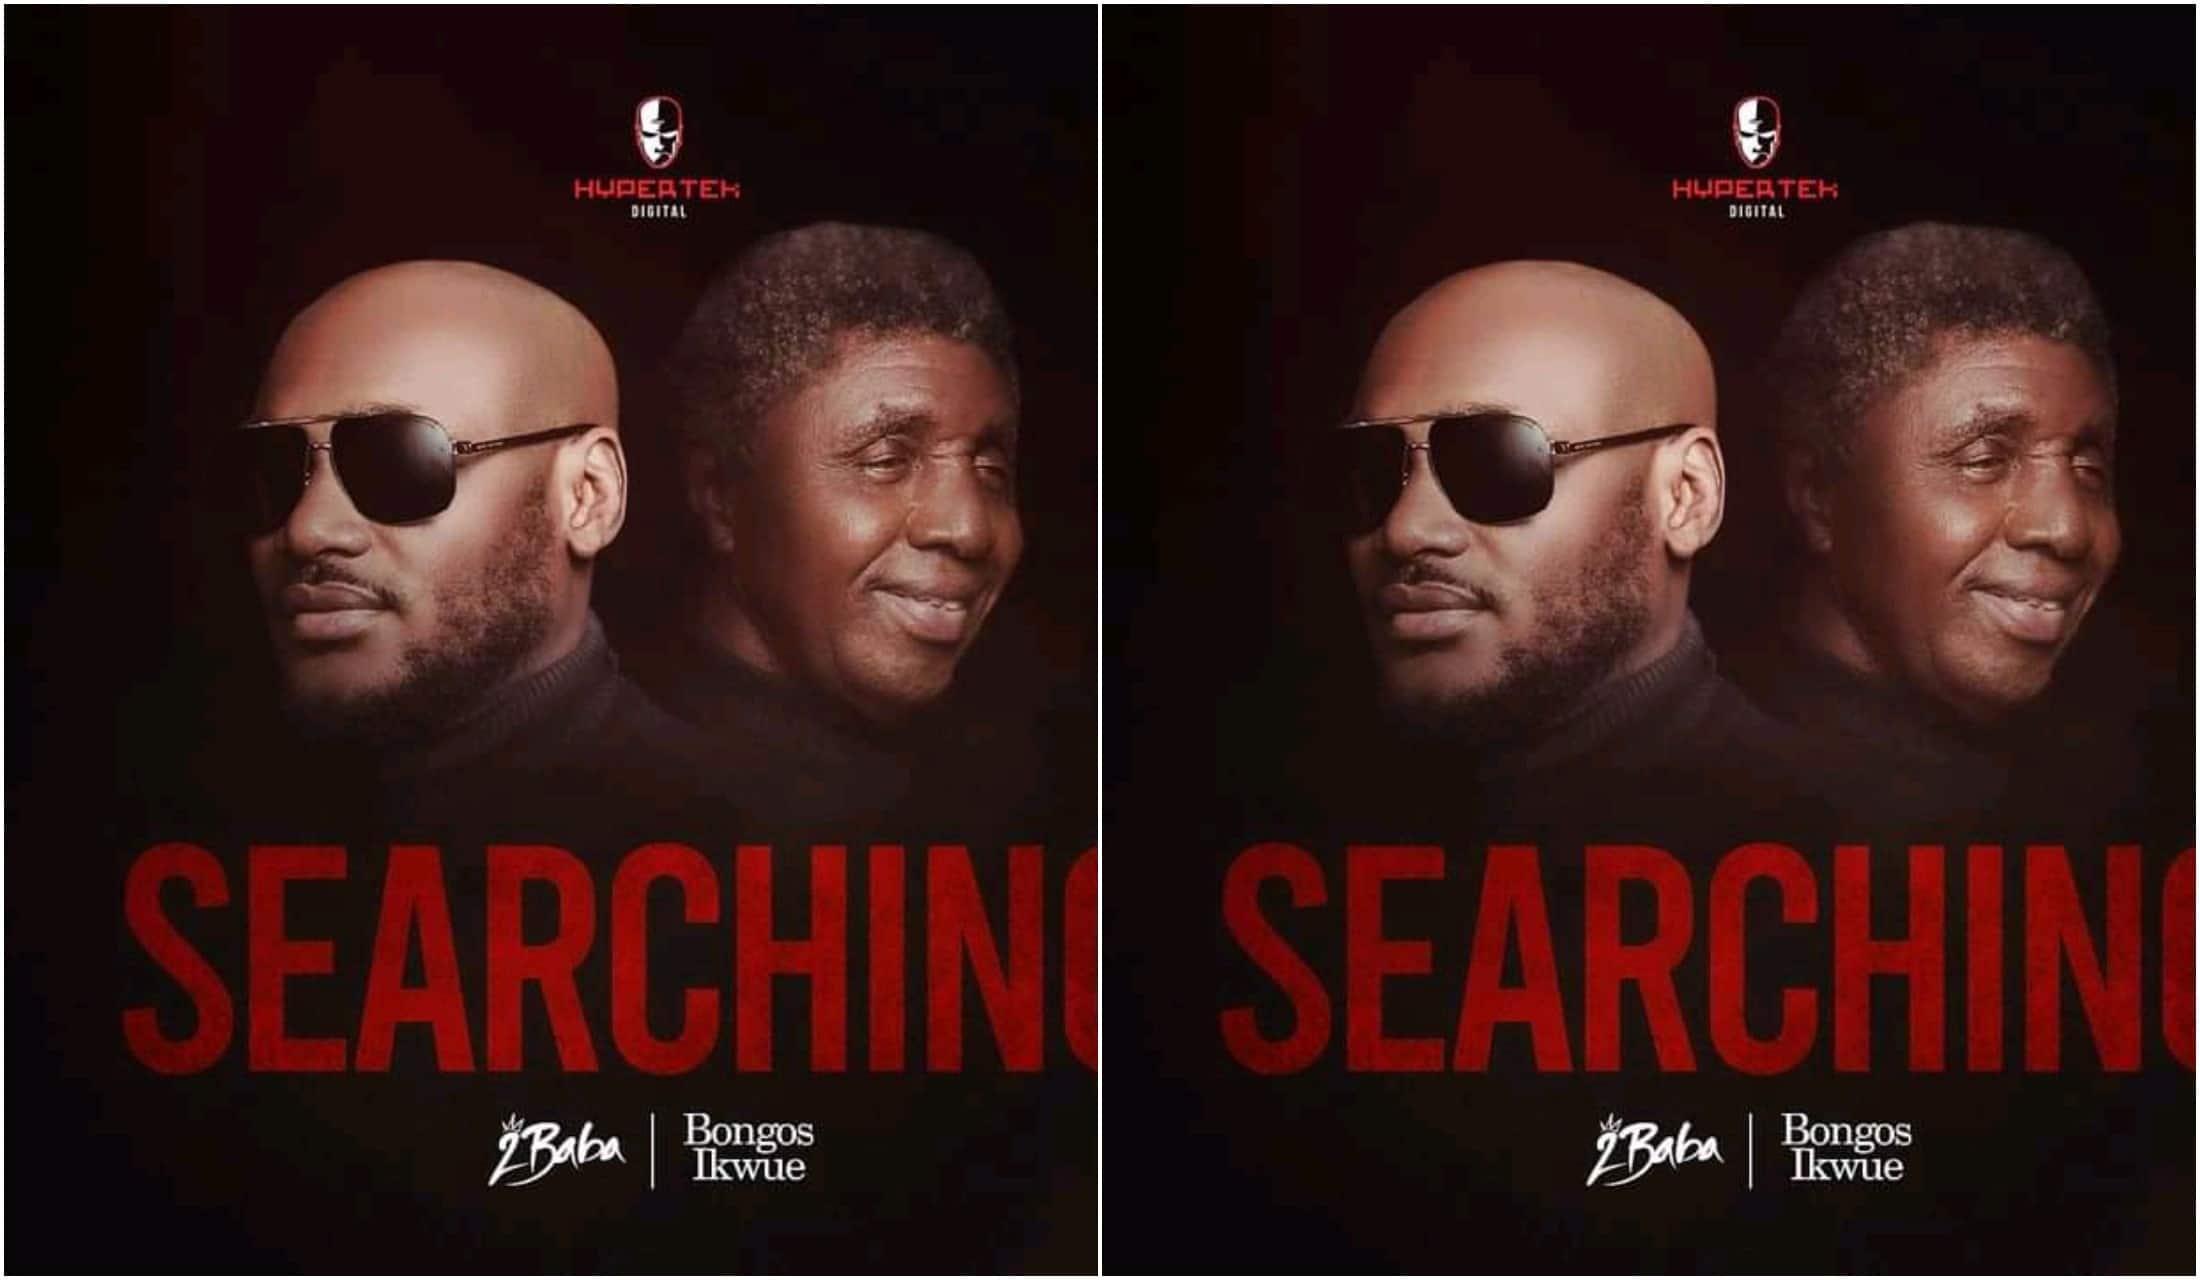 'Searching' Ft. 2Baba Bongos Ikwue,